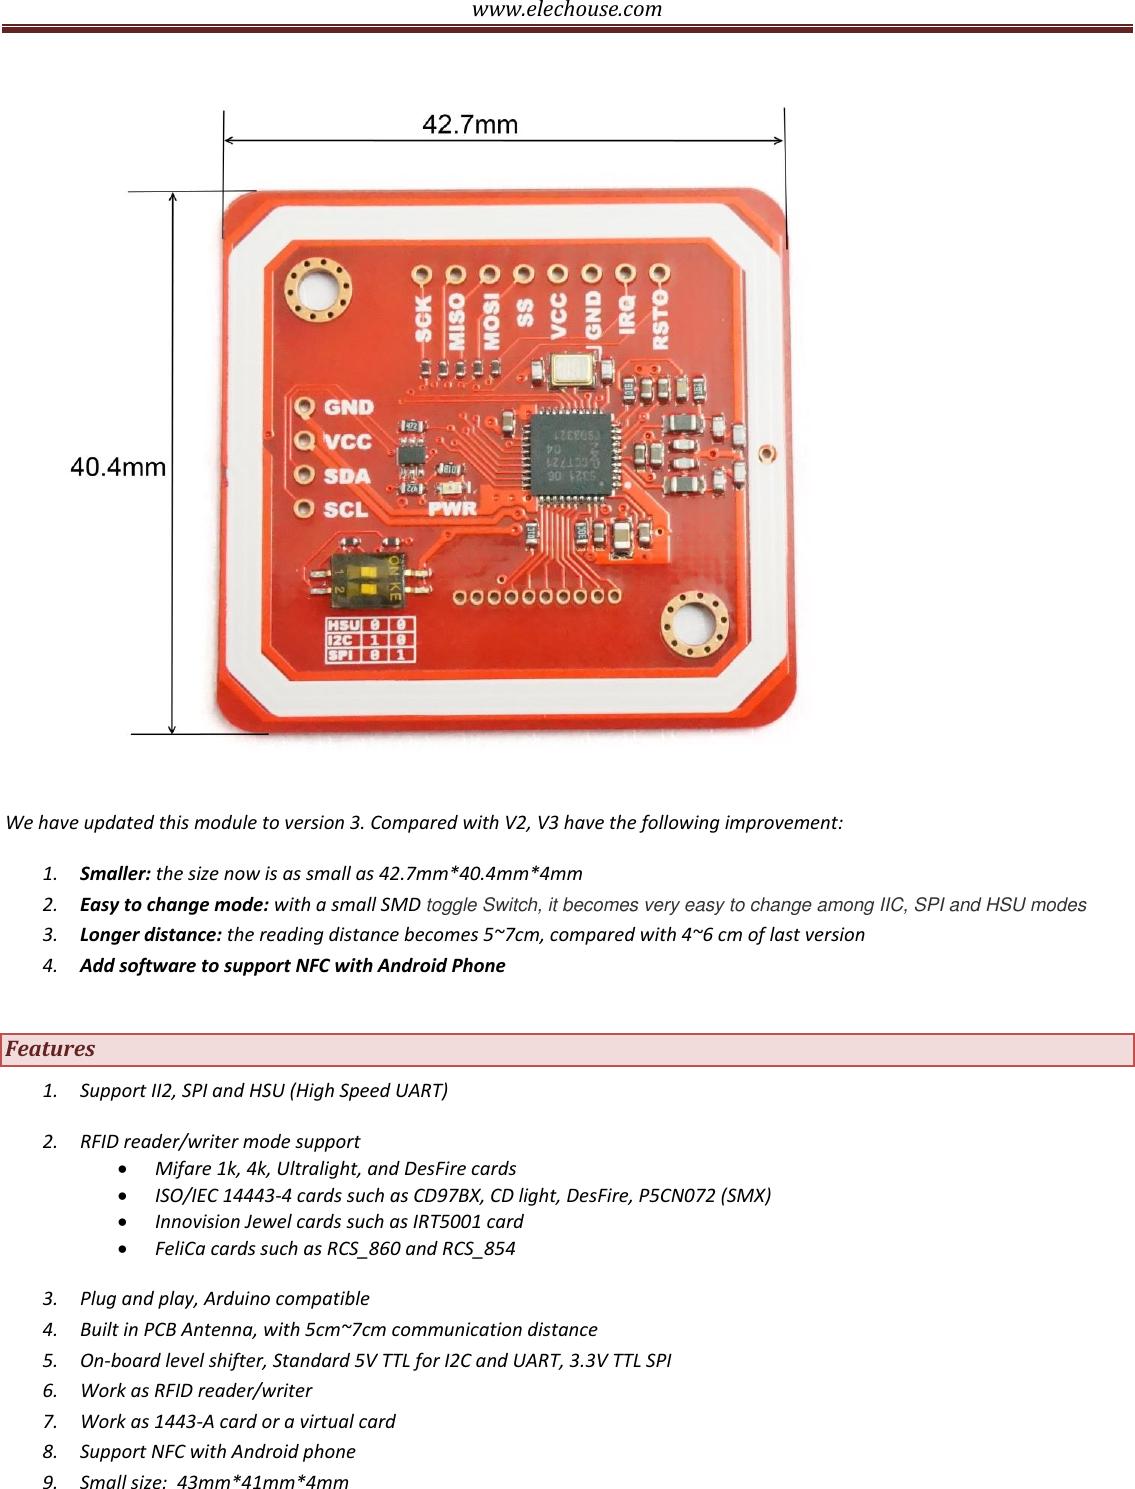 Www elechouse com PN532 Manual V3